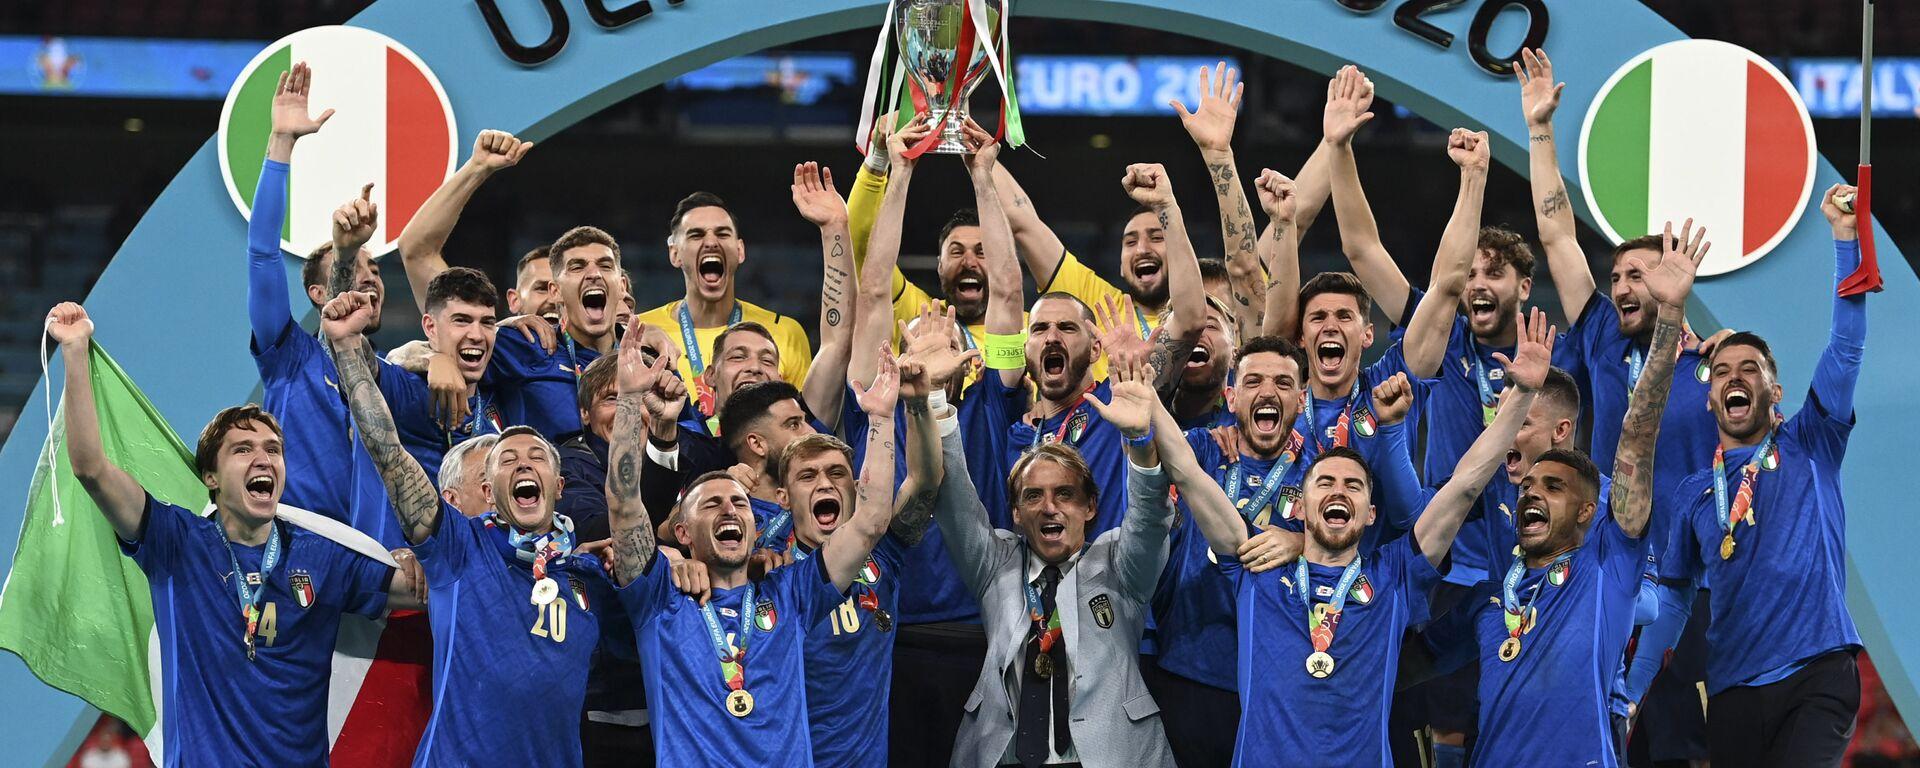 Сборная Италии празднует победу на пьедестале почета после победы в финале Евро-2020 - Sputnik Italia, 1920, 12.07.2021